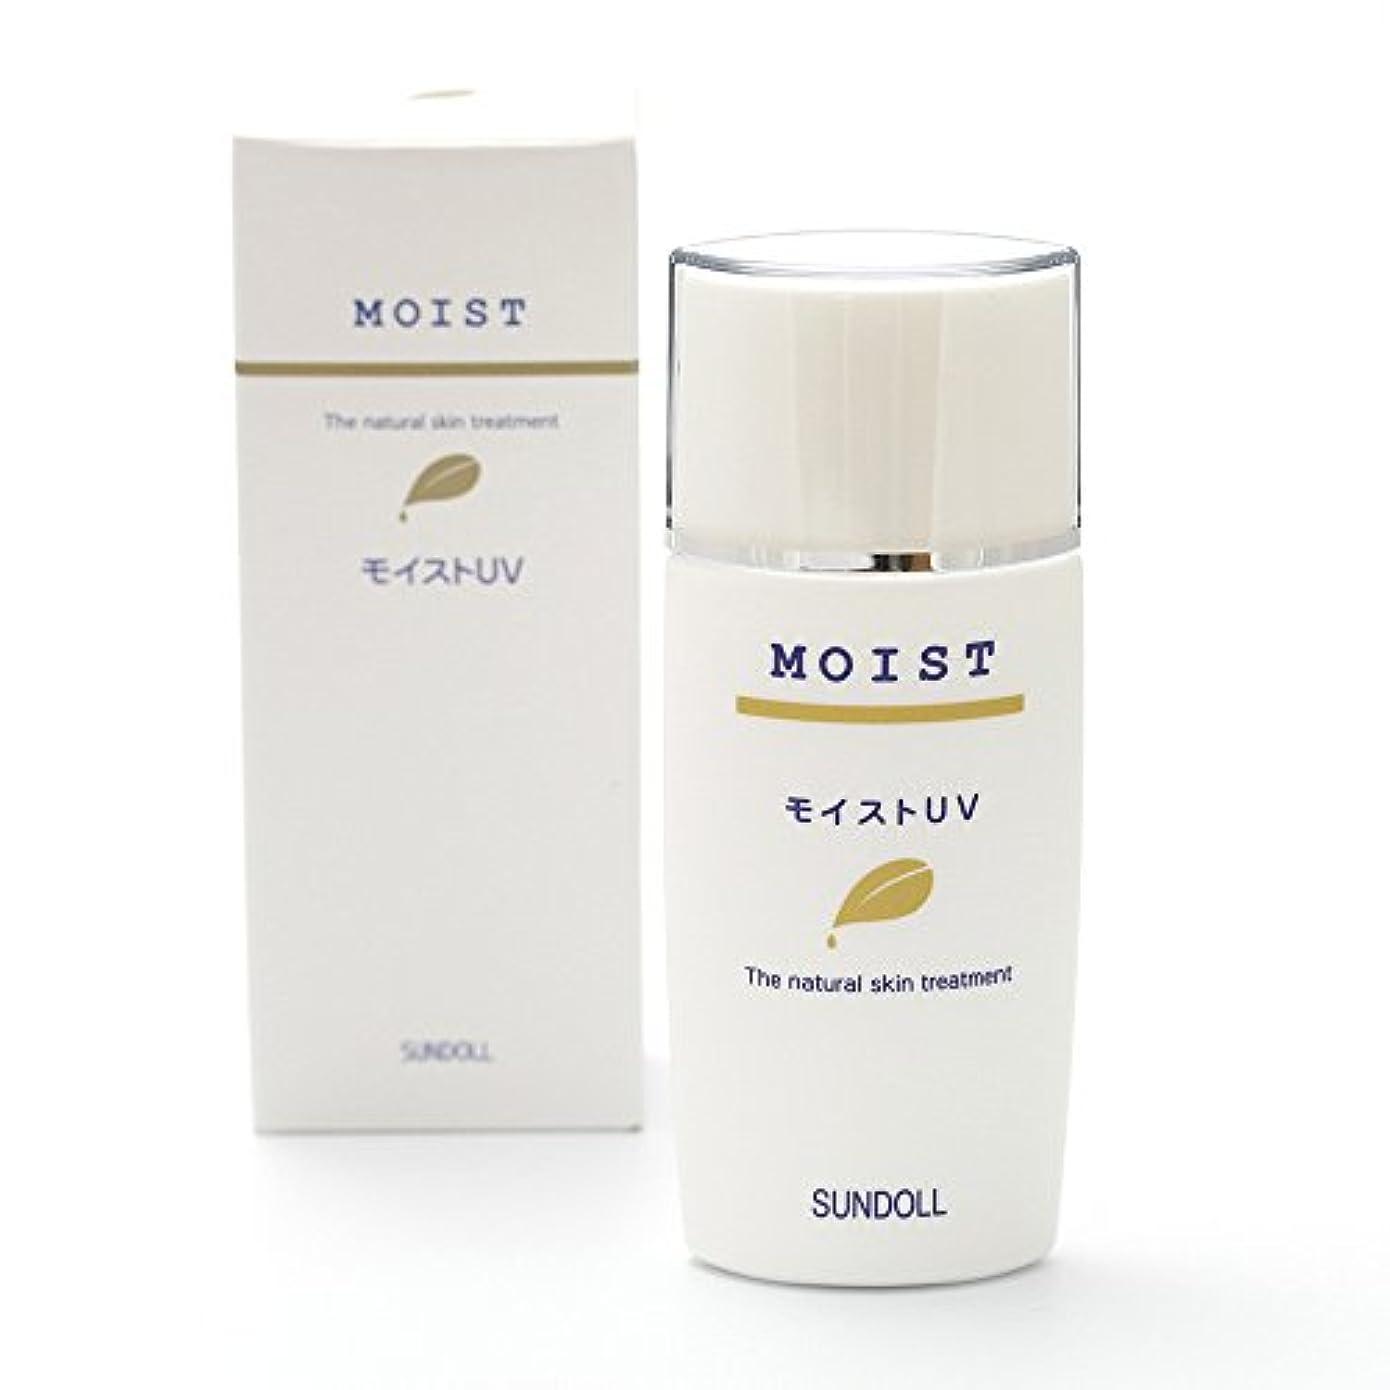 リスナー欠かせない銛日焼け止めクリーム乳液 モイストUV 紫外線吸収剤不使用 40ml